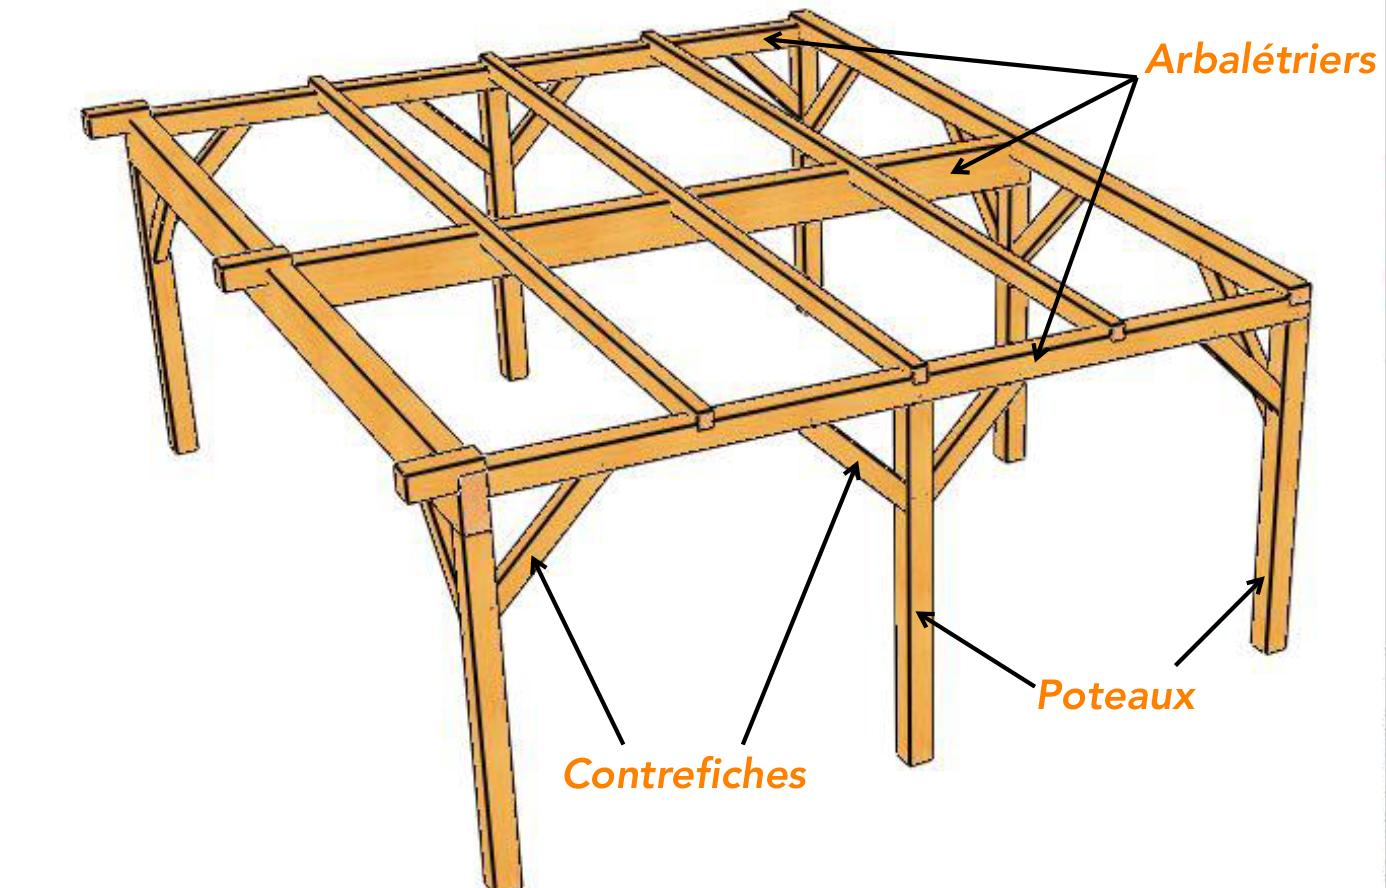 charpente pour abri bois avec toit plat vente en ligne d. Black Bedroom Furniture Sets. Home Design Ideas